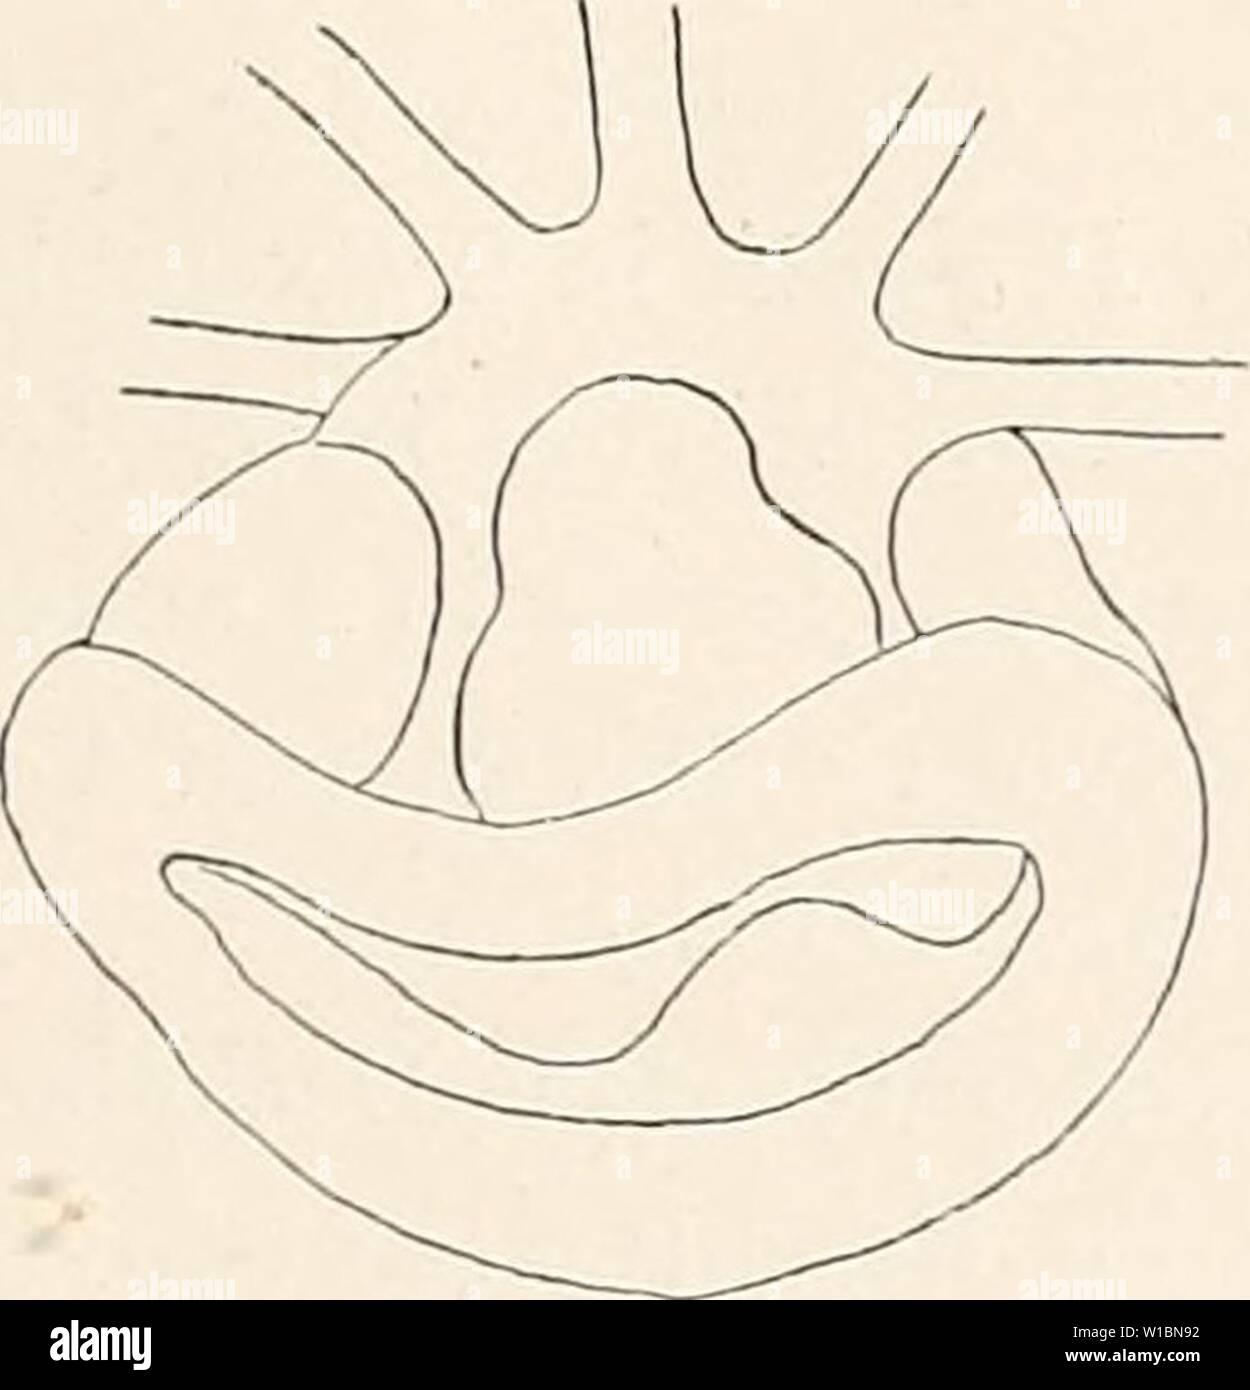 Archive image from page 436 of Deutsche Südpolar-Expedition, 1901-1903, im Auftrage. Deutsche Südpolar-Expedition, 1901-1903, im Auftrage des Reichsamtes des Innern . deutschesdpola13deut Year: 1913  Vanhöffen, Craspedote Medusen. 377 im Innern des Magens sind noch, weitere solcher Blättchen vorhanden, welche die Magenwand schuppenartig bekleiden (Textfig. 11). Getrennt vom Magen hängen im oberen Teil der Radiärkanäle die Gonaden herab als keulen- förmige Säcke von 2,5 mm Breite und 6,5 mm Länge, wodurch unsere Art an eine Leptomeduse erinnert. Zur Aufstellung einer besonderen Gattung liegt tr Stock Photo